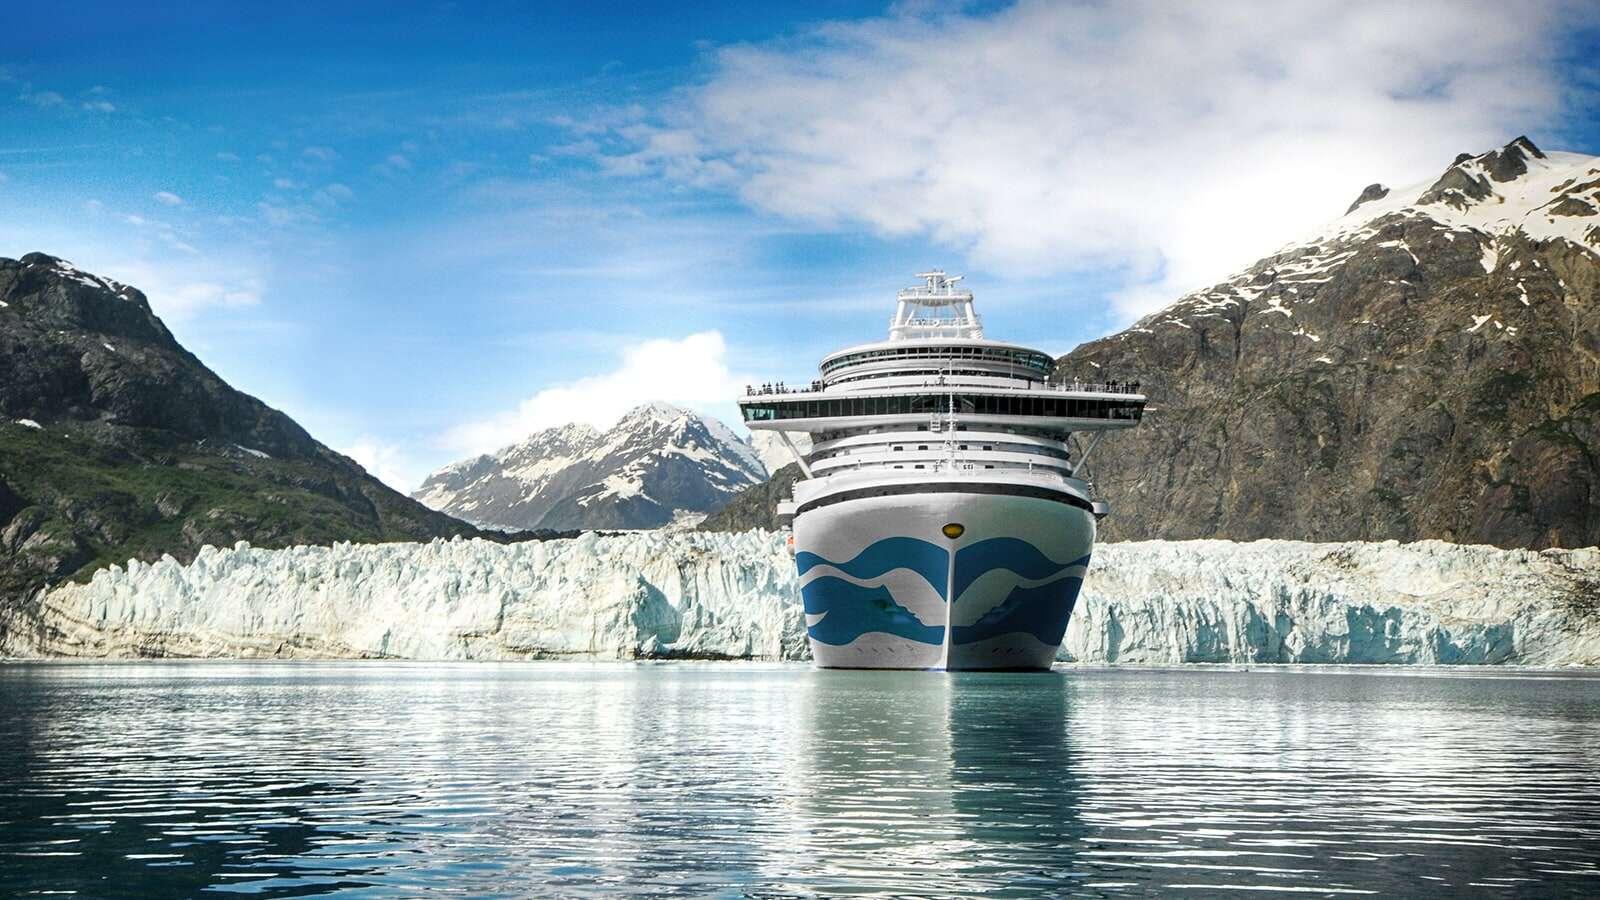 Princess Cruises Alaska May 2022